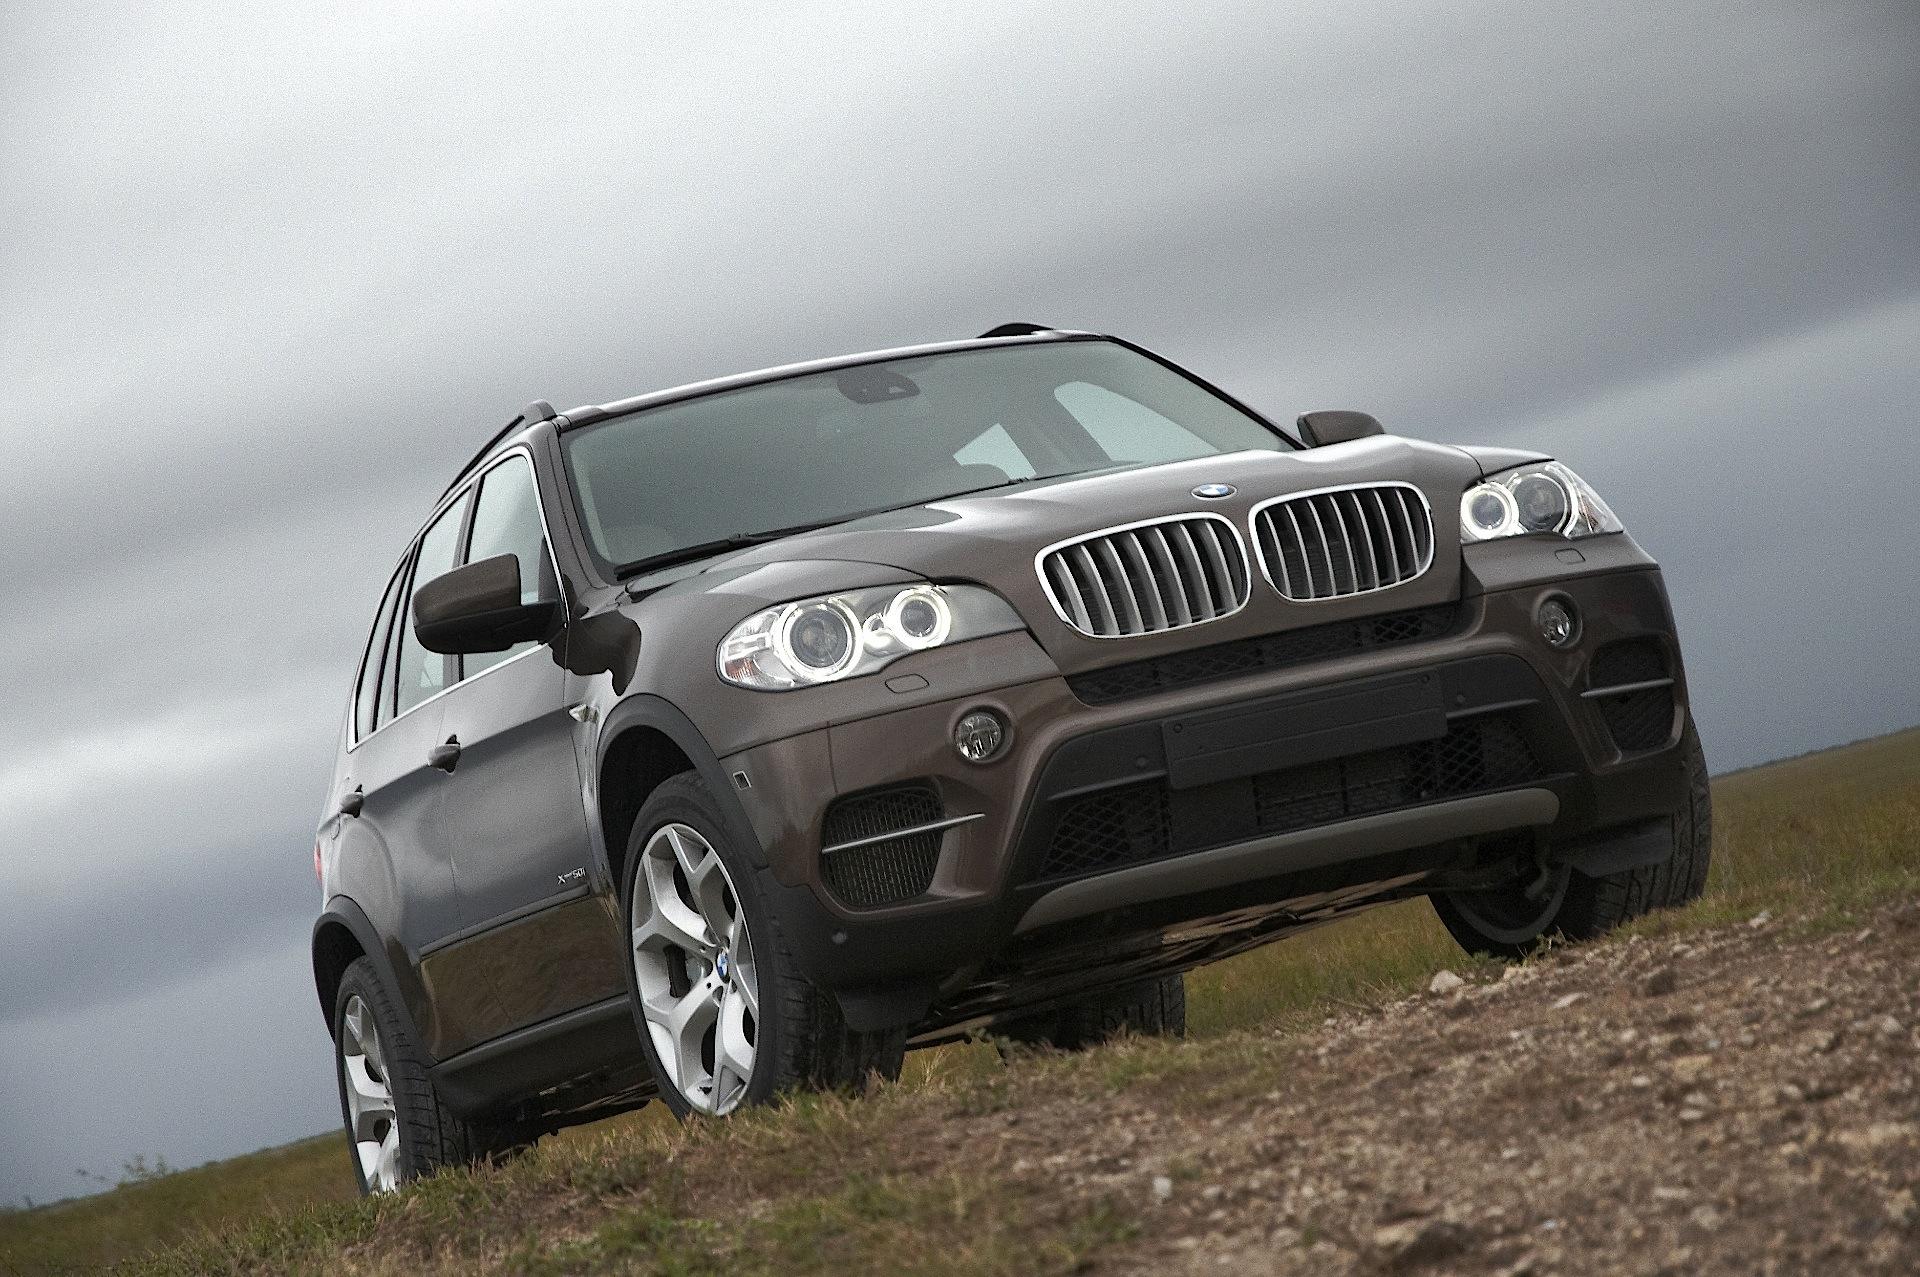 Bmw x5 e70 specs 2010 2011 2012 2013 2014 autoevolution for 2011 bmw x5 exterior dimensions